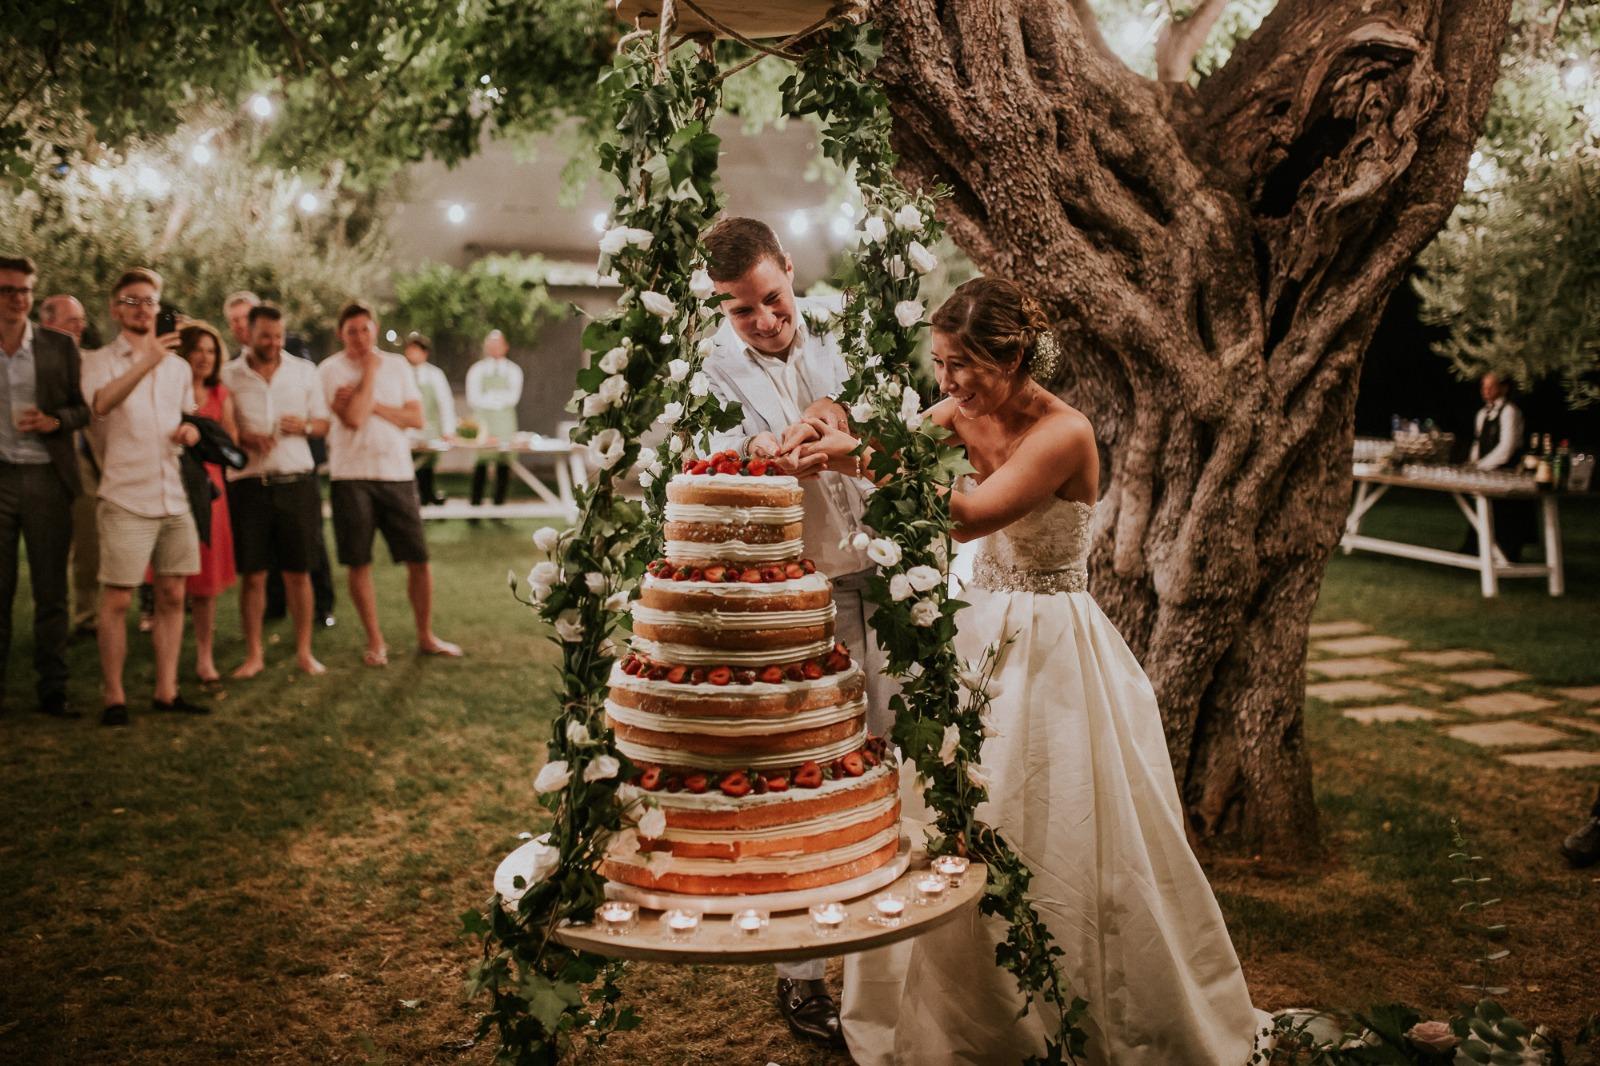 matrimonio in primavera puglia wedding cake